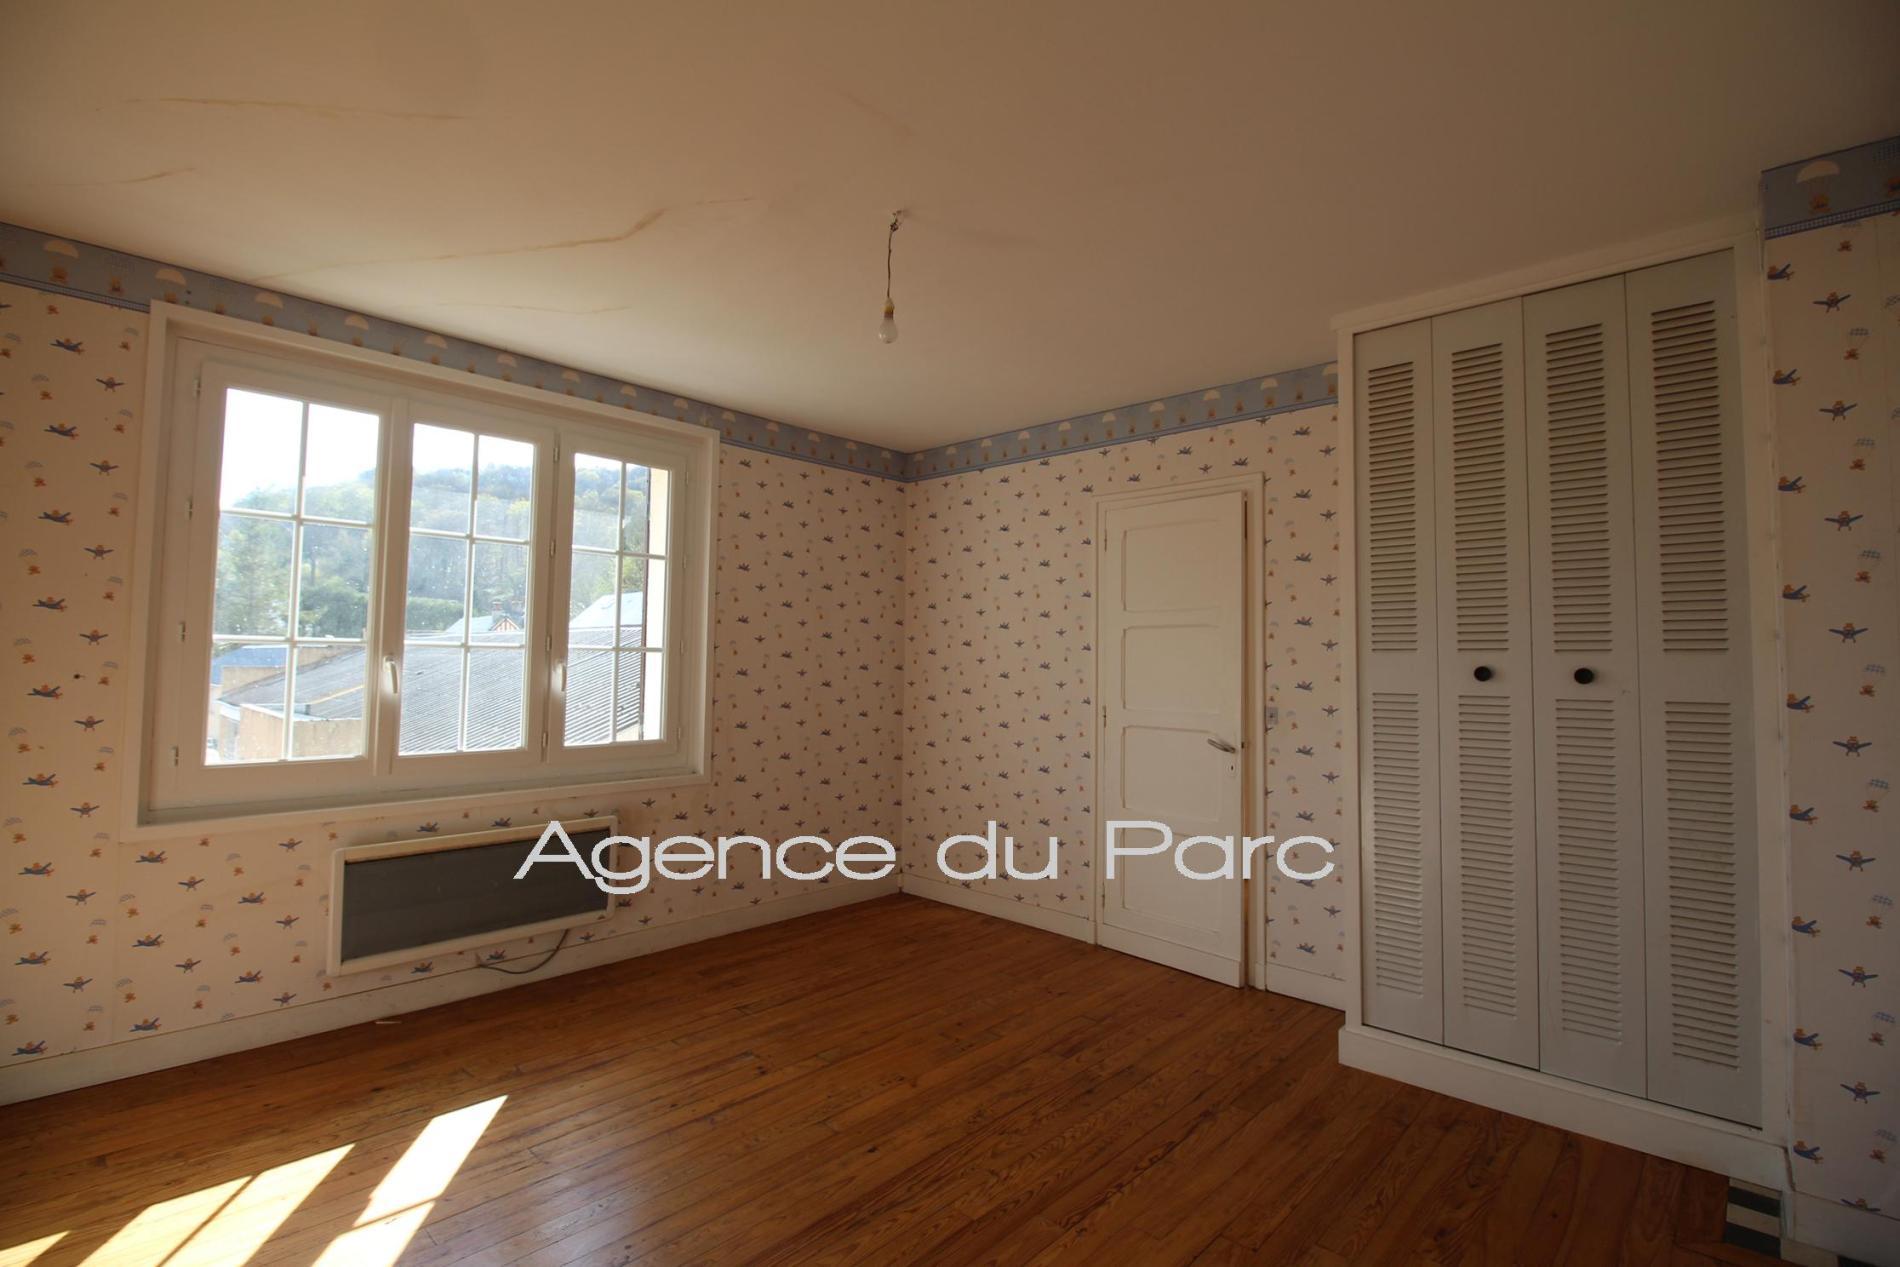 Acheter achat d 39 une maison de village de bord de seine for Acheter une maison par agence immobiliere